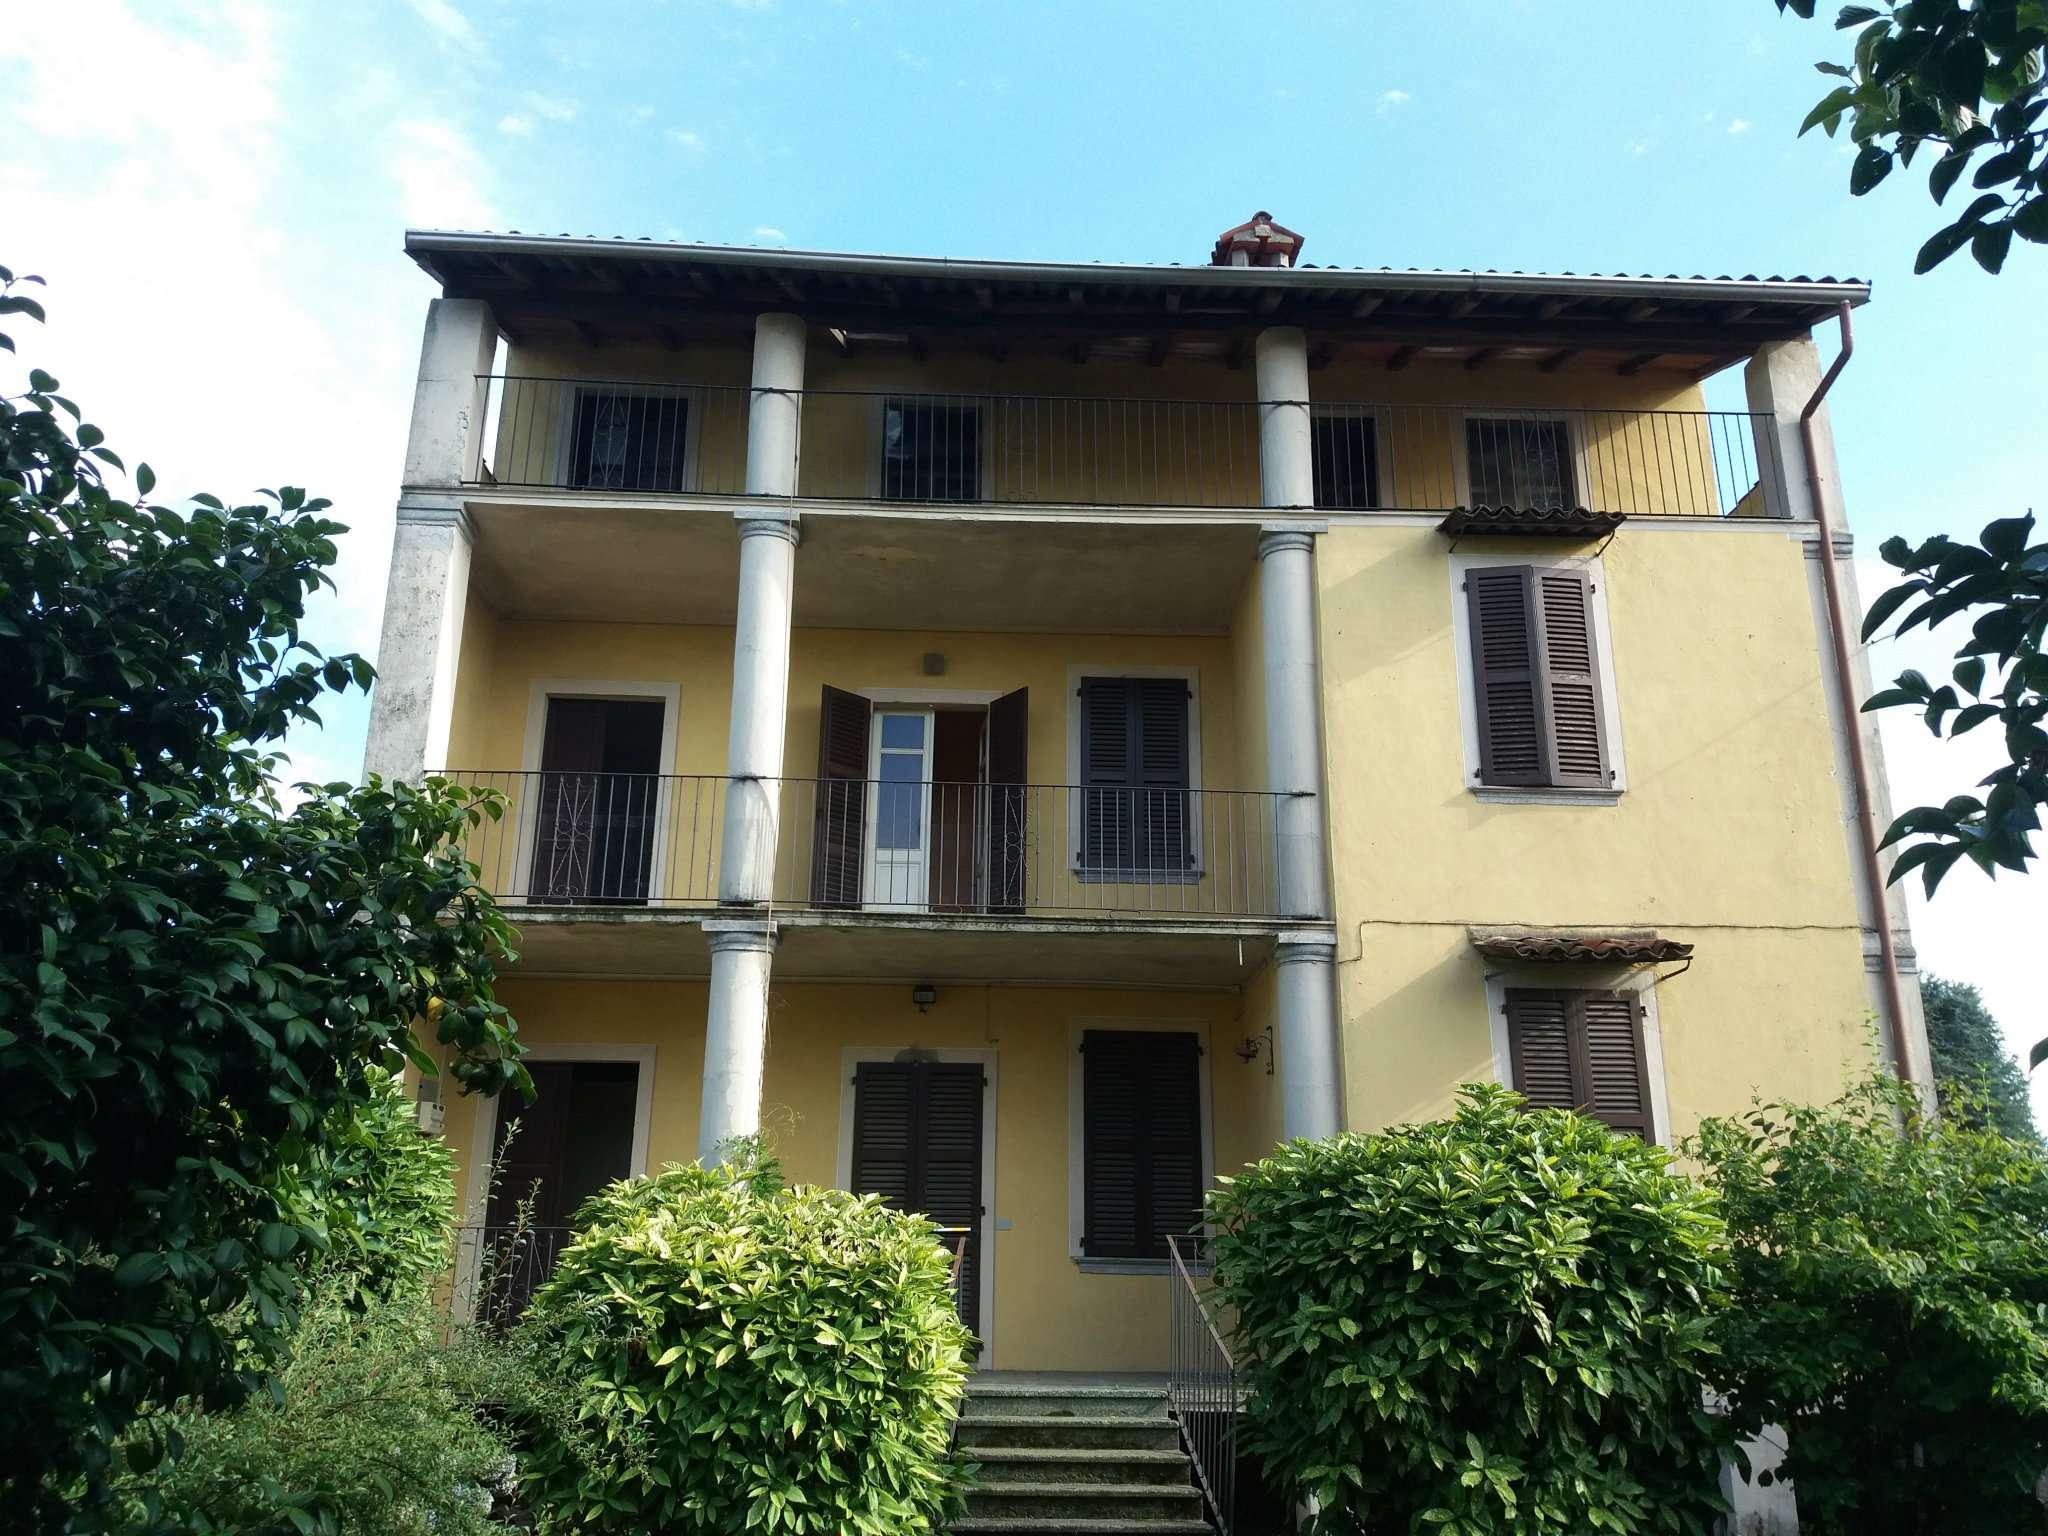 Soluzione Indipendente in vendita a Carpignano Sesia, 5 locali, prezzo € 95.000 | CambioCasa.it